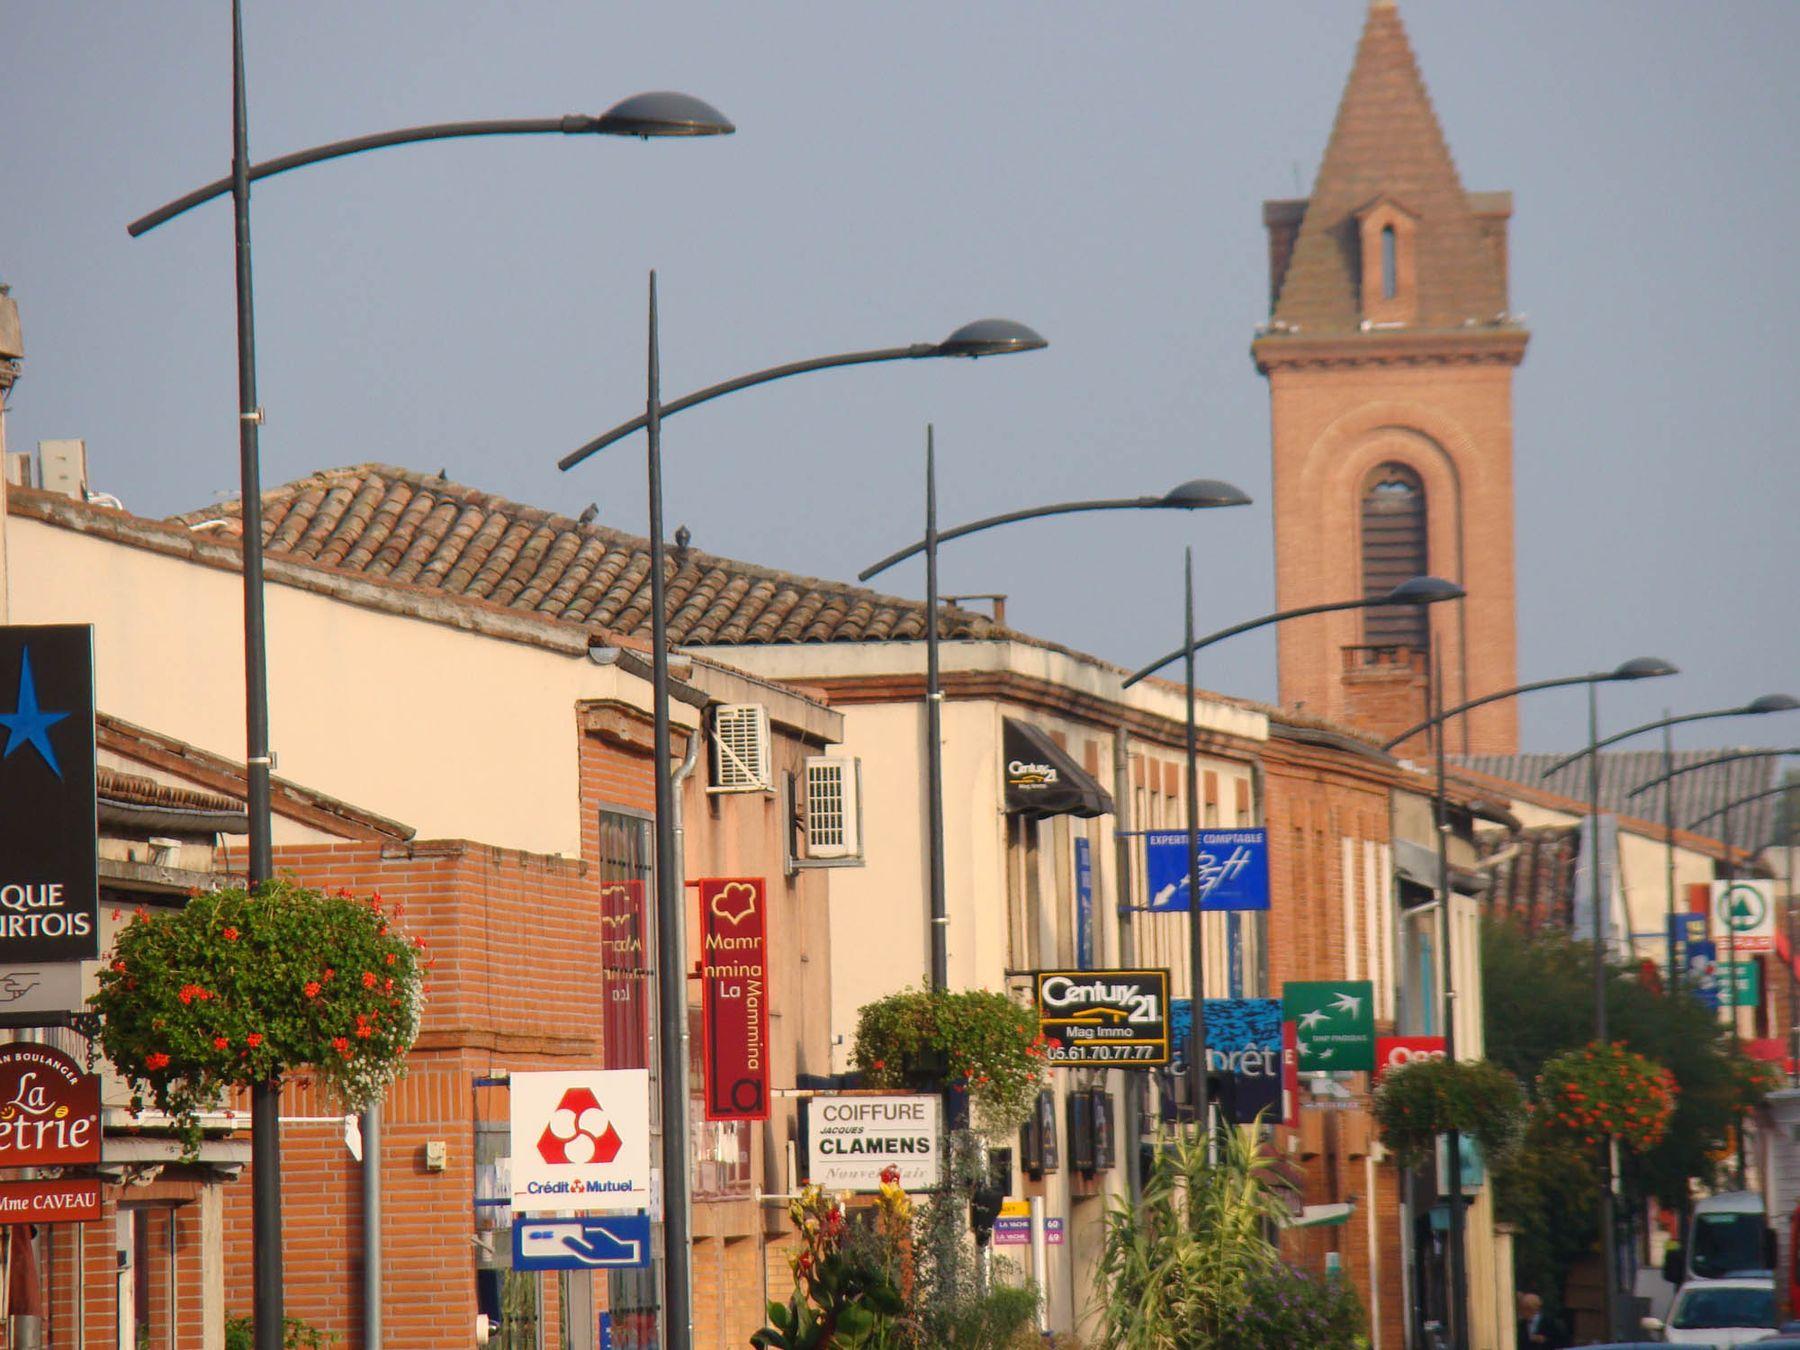 façades commerçantes et clocher de l'église route de Fronton